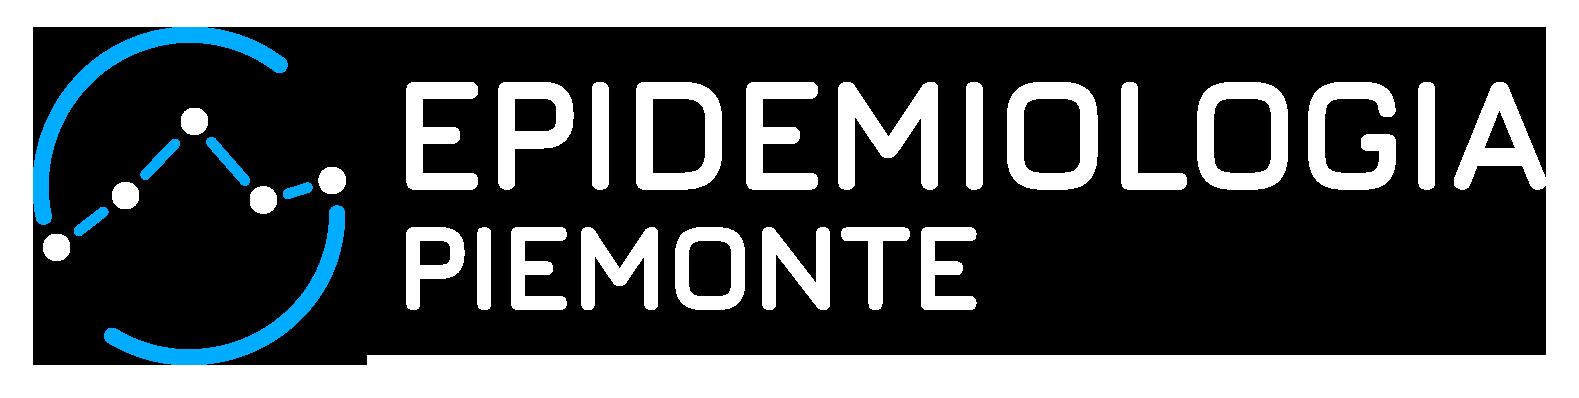 SERVIZIO DI EPIDEMIOLOGIA